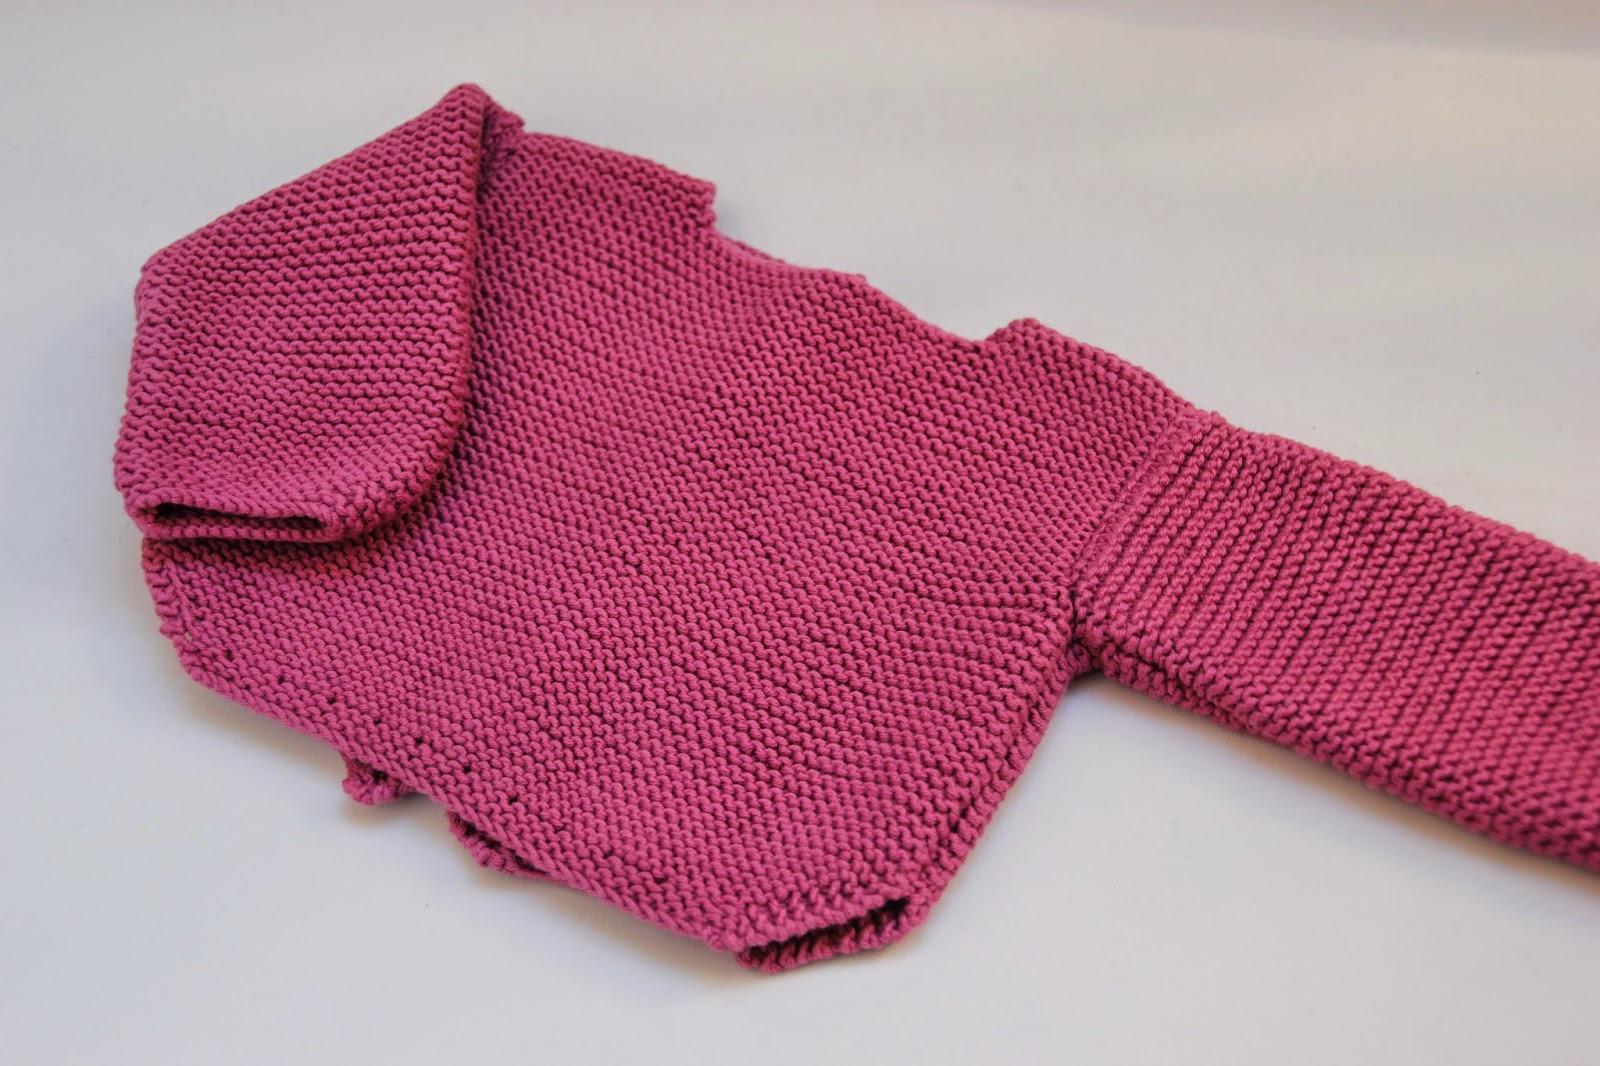 Patrones de punto de lana gratis images - Puntos de lana ...